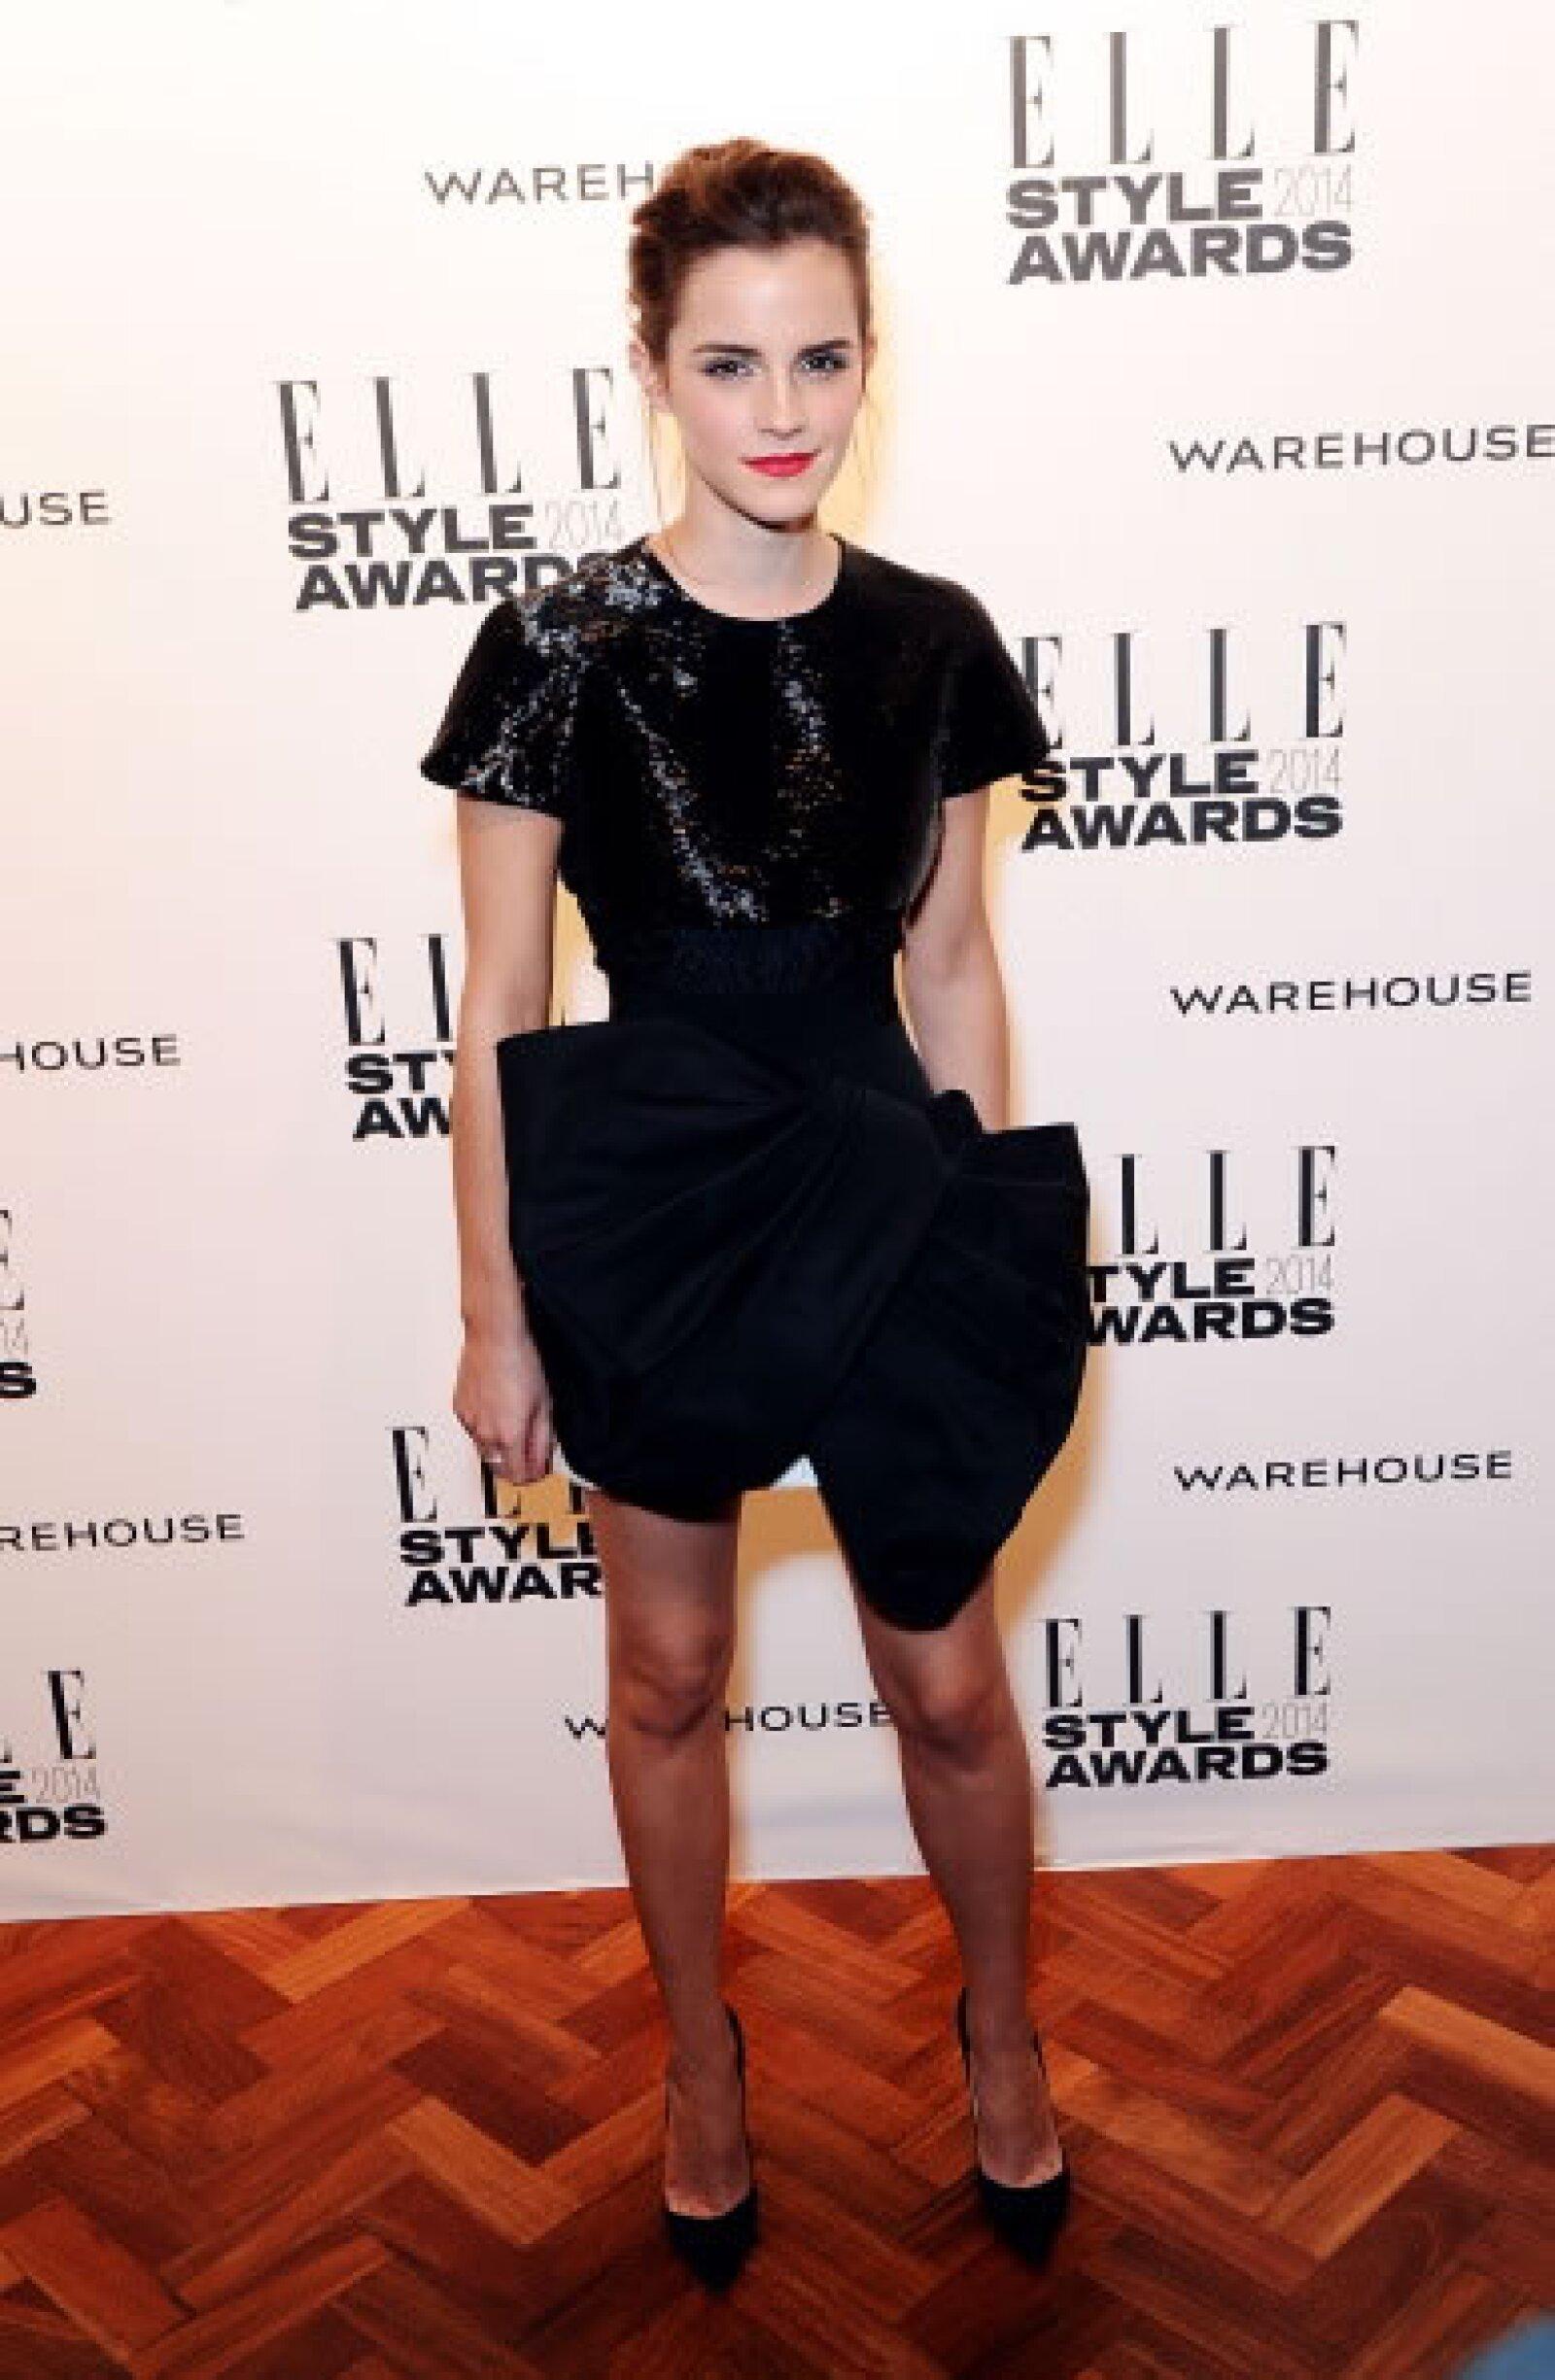 La actriz llevó un vestido `ladylike´ de Giambattista Valli, el top fue bordado y la falda en seda. Finalizó el look con pointy heels Christian Louboutin.